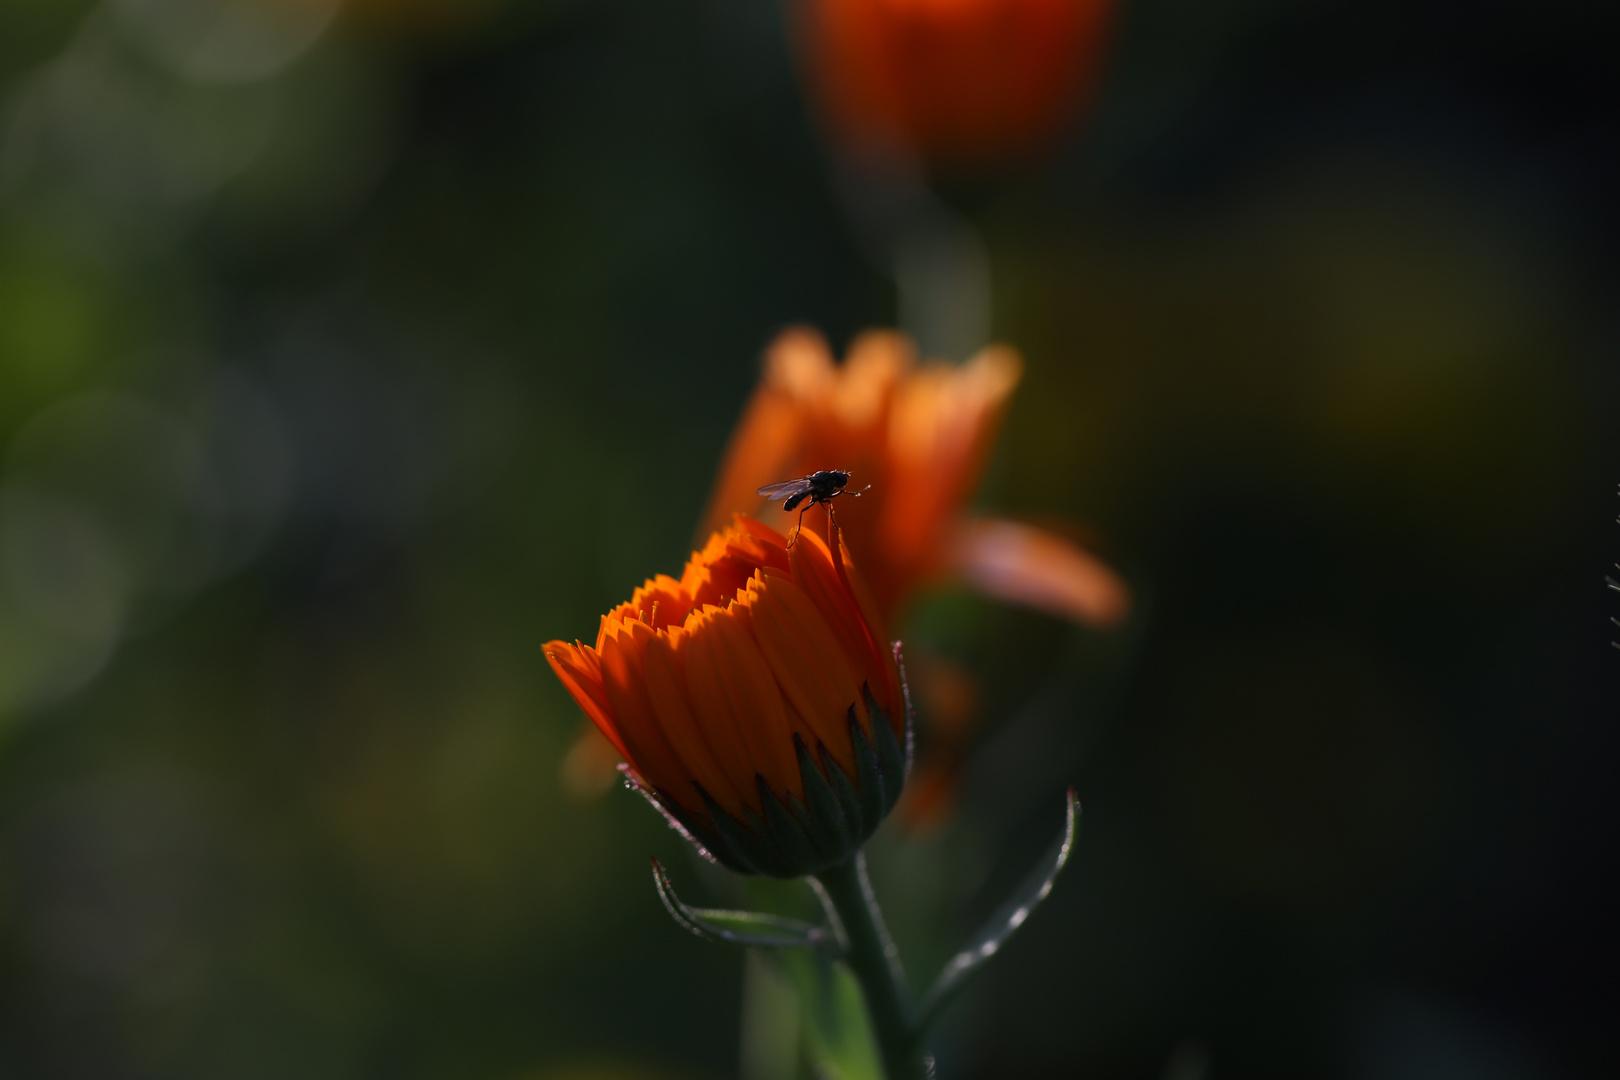 auf dem abendbrot foto bild natur fliegen pflanzen bilder auf fotocommunity. Black Bedroom Furniture Sets. Home Design Ideas